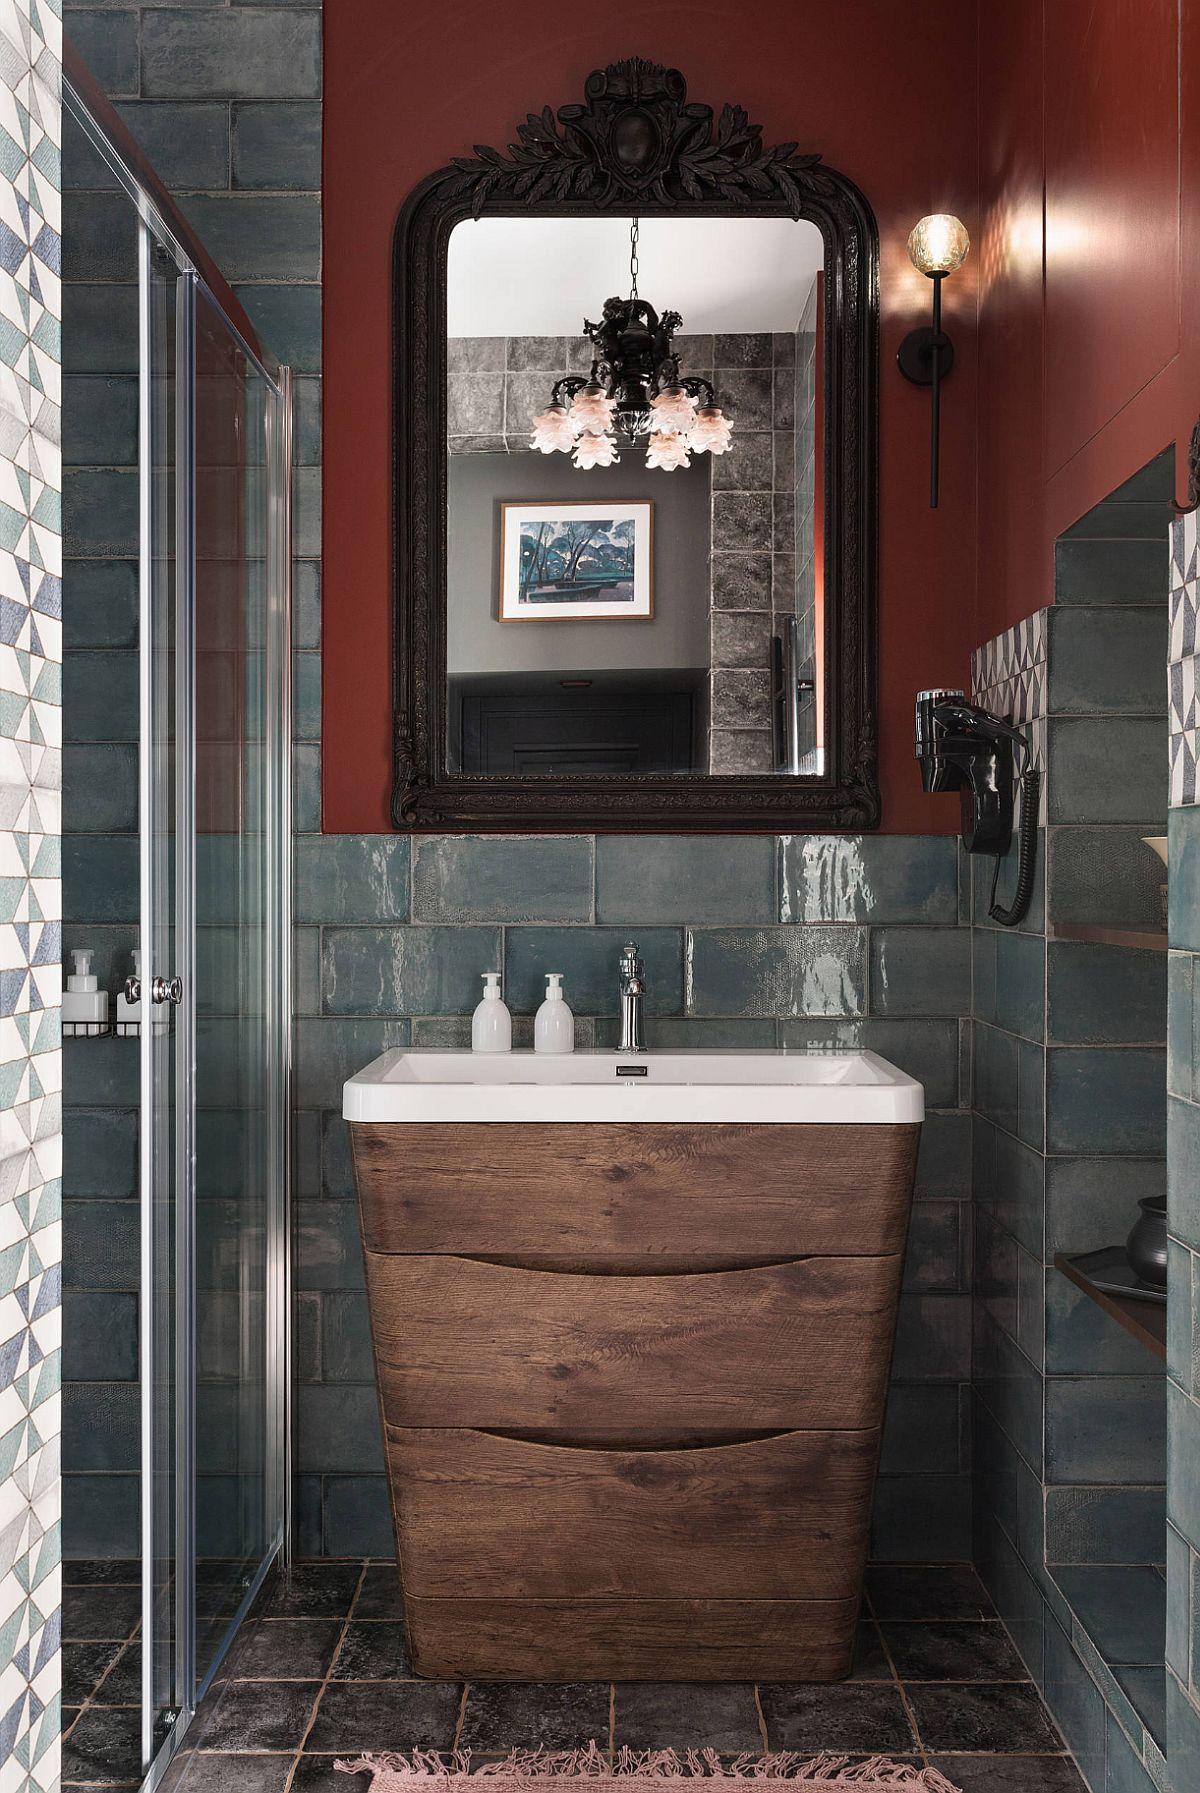 Lavoarul este frumos înglobat într-un mobilier furniruit, iar zona este suprinzător accentuată cu o oglindă cu ramă veche, bogat ornamentată. O combinație inedită de stiluri, care transformă total percepția asupra camerei de baie.